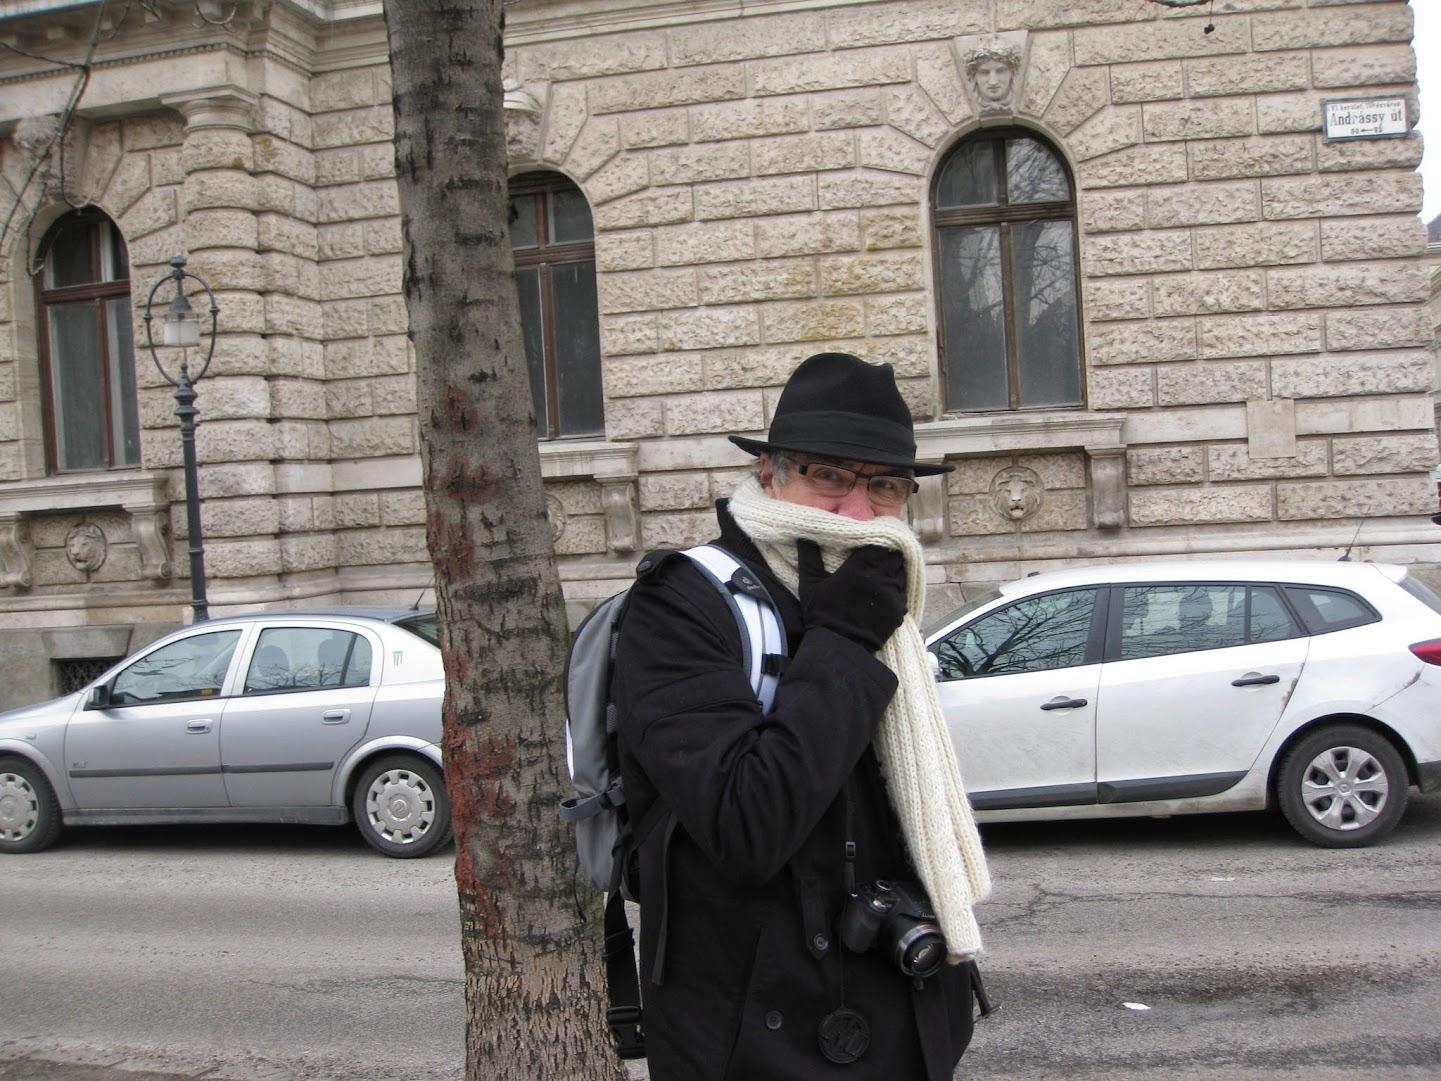 Budapest en Janvier TH-swxu7RgTK1ncxFISnpWUK95UOhWpvjyBLDCYk6h8VJwG_hDNq9hleX7rLAy0ixiGKanT4La4j3M3AxZXkwfiuRMJIX9ksWbobafG5VegnJdnfcw95Hwai5BPZr9RfMIj5y9RHMNqV-ZURhn_IBH0KcVAO9OlJ6XGANQ8X5ICYh45dfLa7NC43xOFVajE-A79U_L-CjOTlxX9nJLtymAOGdFC6Mn0CdWSiuN7_uGNxXkhKI2sHlJiXUvqjmTkEAUYEX7LGAz_FeM-PNbz3JmvlM4GJ721377YuN7i5dcv1Fa4umv6Jpd_7ij0G6iFKZwekzMltp8HZxFhQ2E1H_13Q9RkFmPD21KZFN2dS_uC1ETr8grrzaaNdtkMcnHFrNW8_2ZcVzqFj3RS3WDvRUXHN3-4WopXiA0zRtjm63jzUhj2wbEyxUIE2ktSQuP1FBIL3hKMMNq-cJXUwidlfcbkA7cVxDTn2Oy9EVYdoOrdjUvpz6JZdQxd0ZPcSMpdenovFE4z_VUMaNFSIoJ_nmRxNYyiK3yMiHG38PwmxqEJc5Pn47Wmf01pAffHSXS8Q5s5jpttU3AuhVFk0lKfWP2DGNzfYbBCbxmVmor3KEIpyLBdhSw=w1441-h1081-no